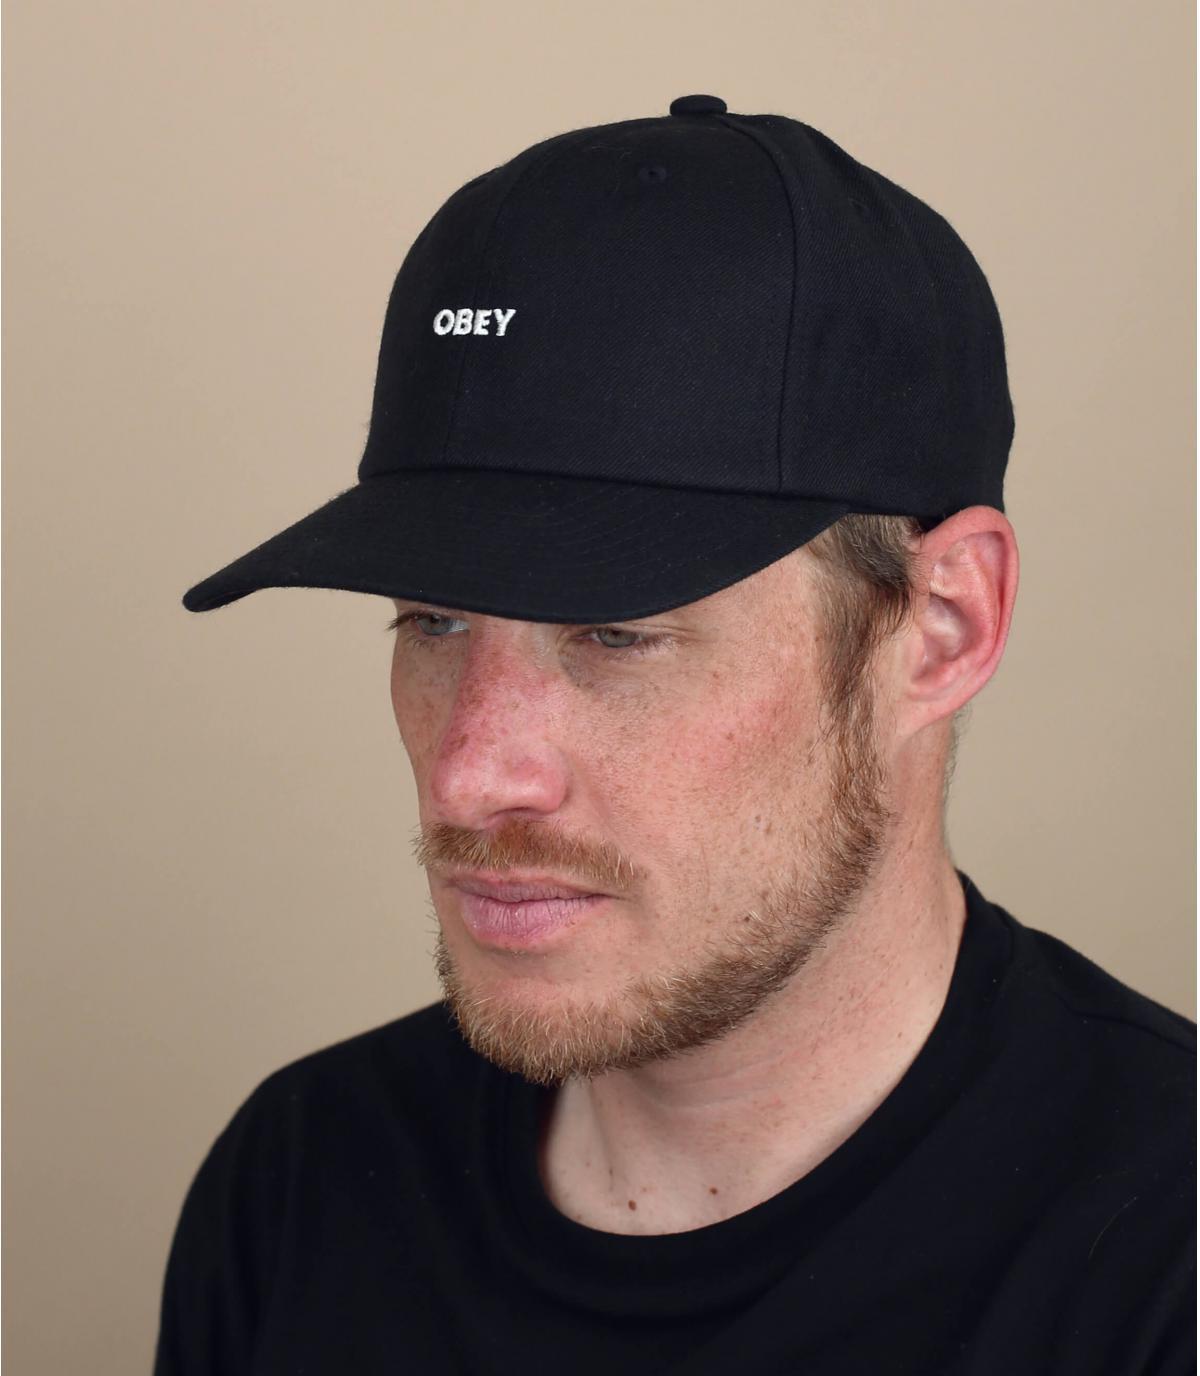 casquette Obey noir